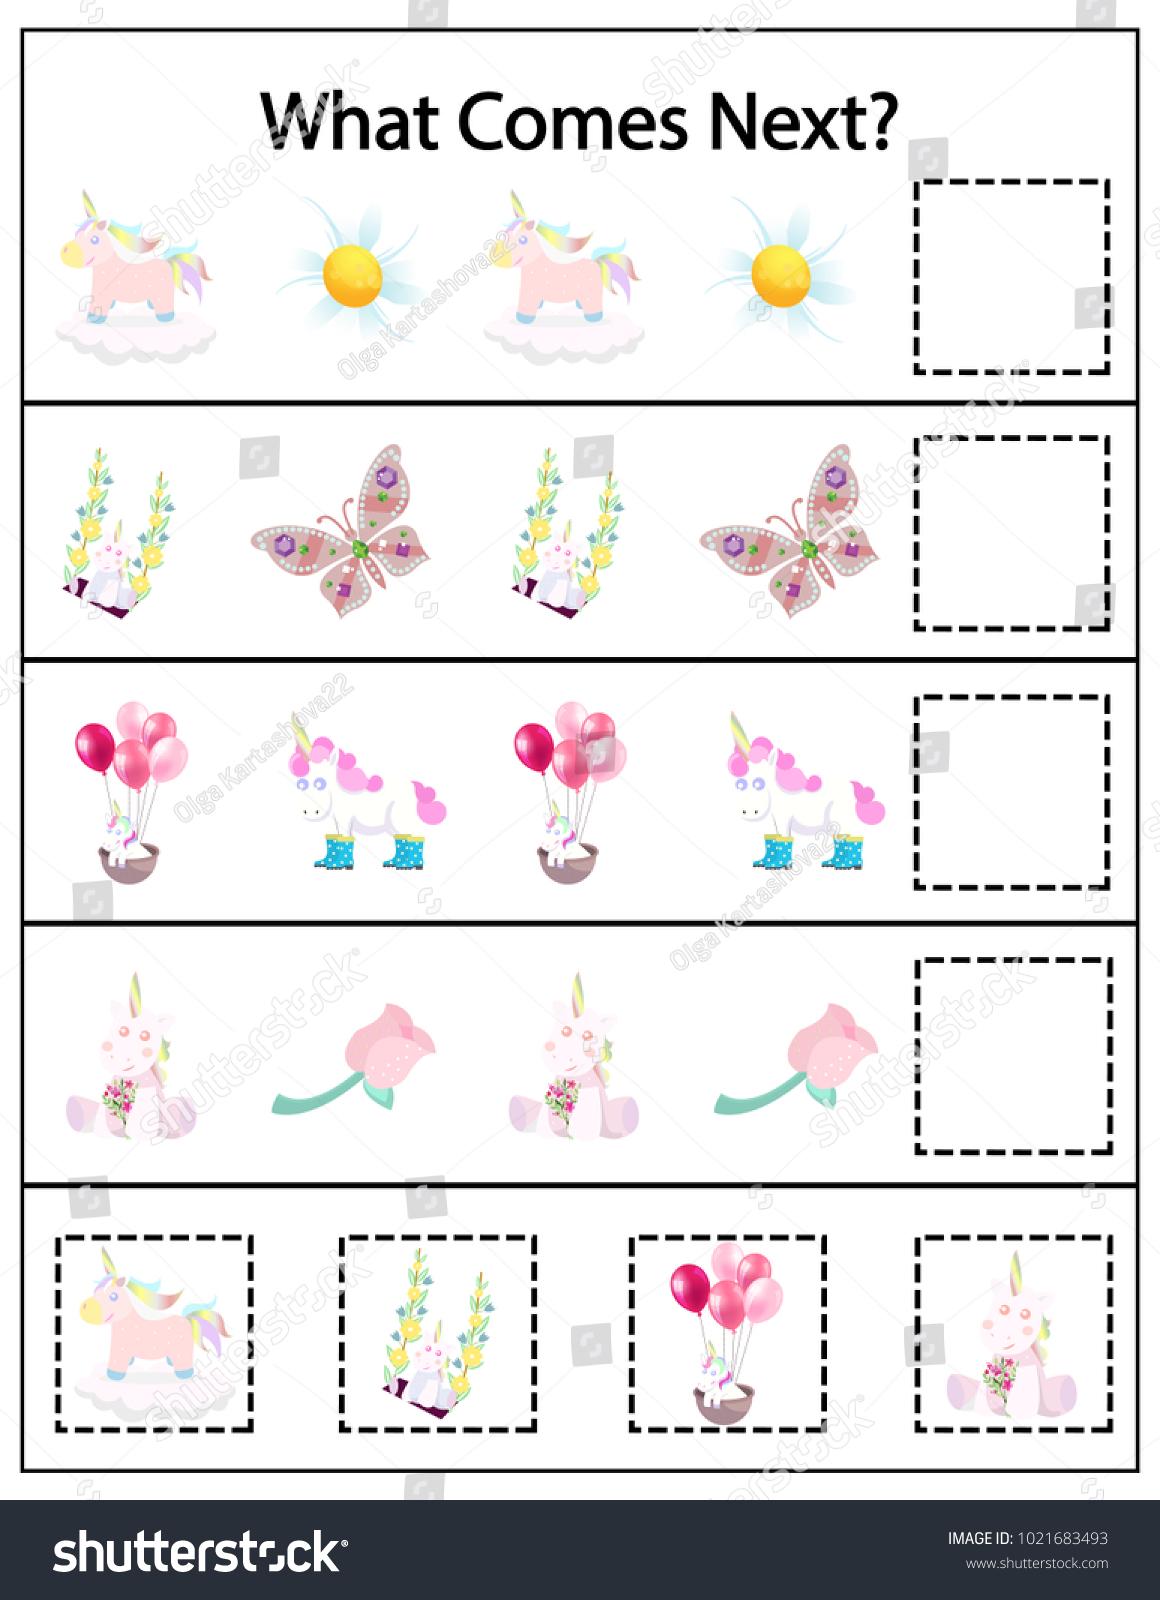 What Comes Next Kindergarten Worksheet Kids Stock Vector 1021683493 ...